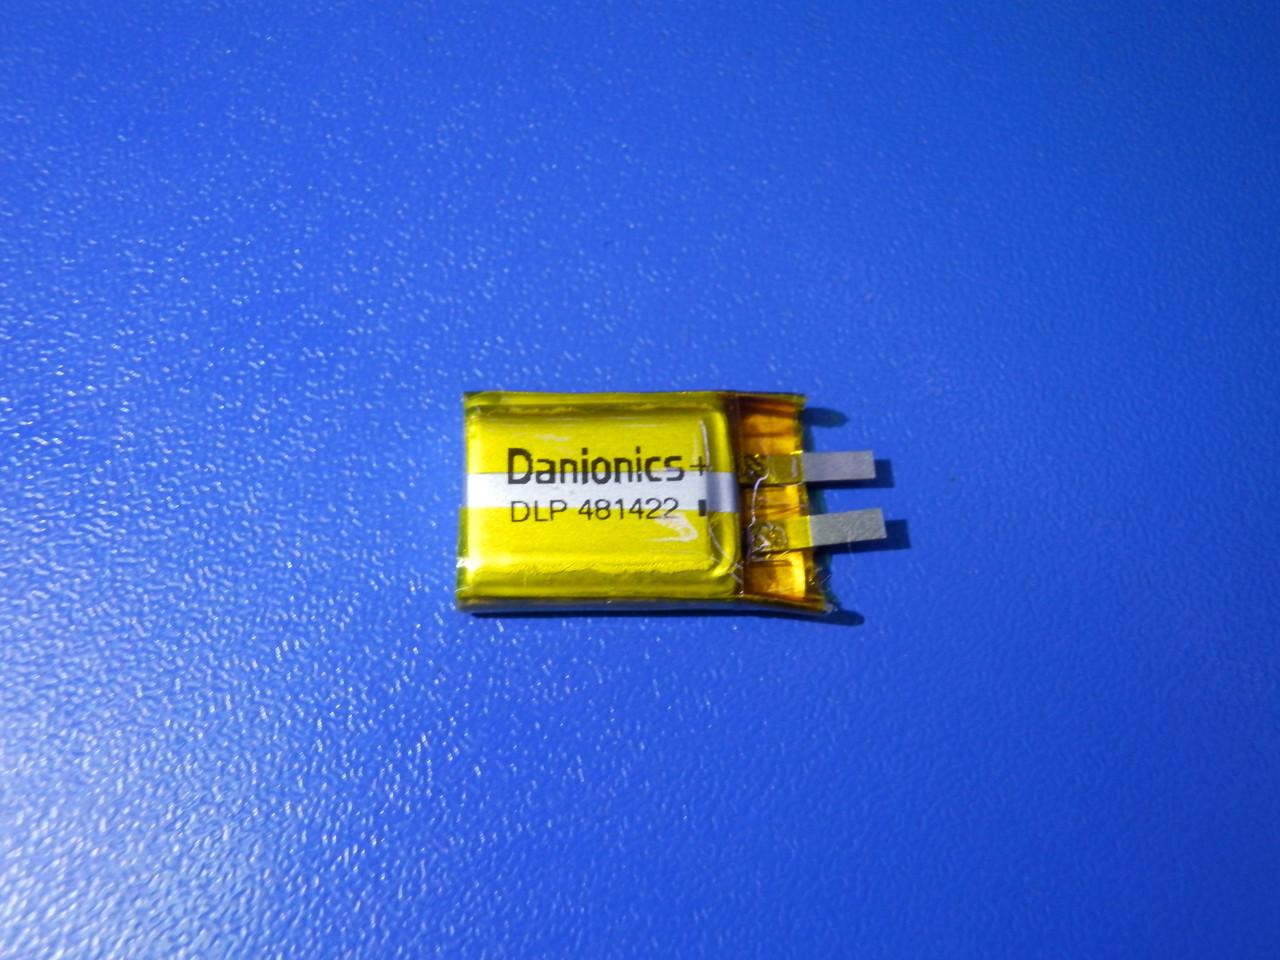 Акумулятор Li-pol Danionics DLP481422 3,7 v 105mAh